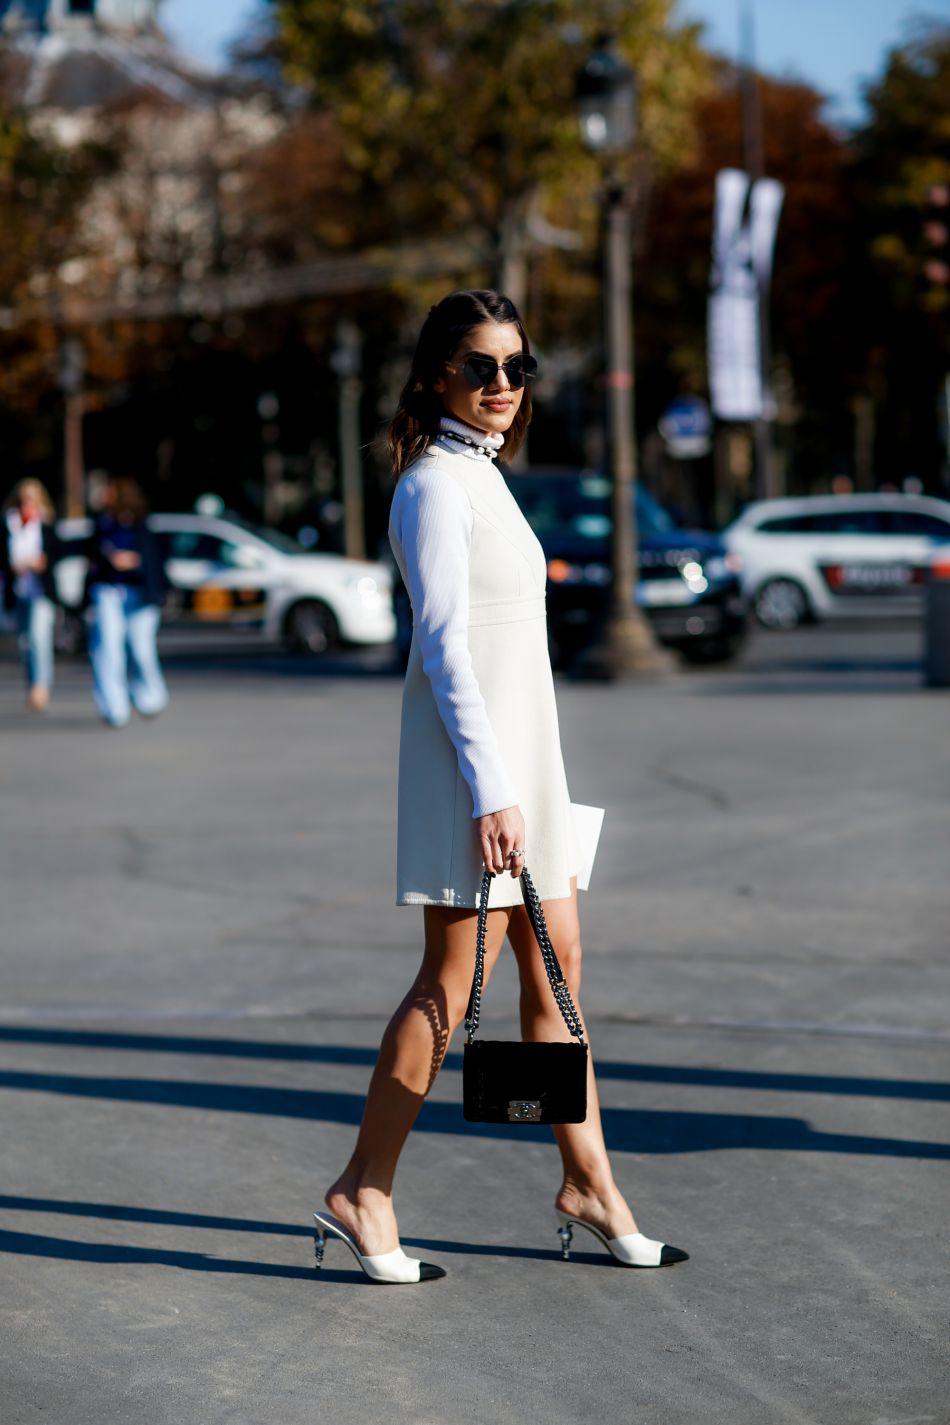 La mule blanche est la manière discrète d'adopter cette chaussure controversée.